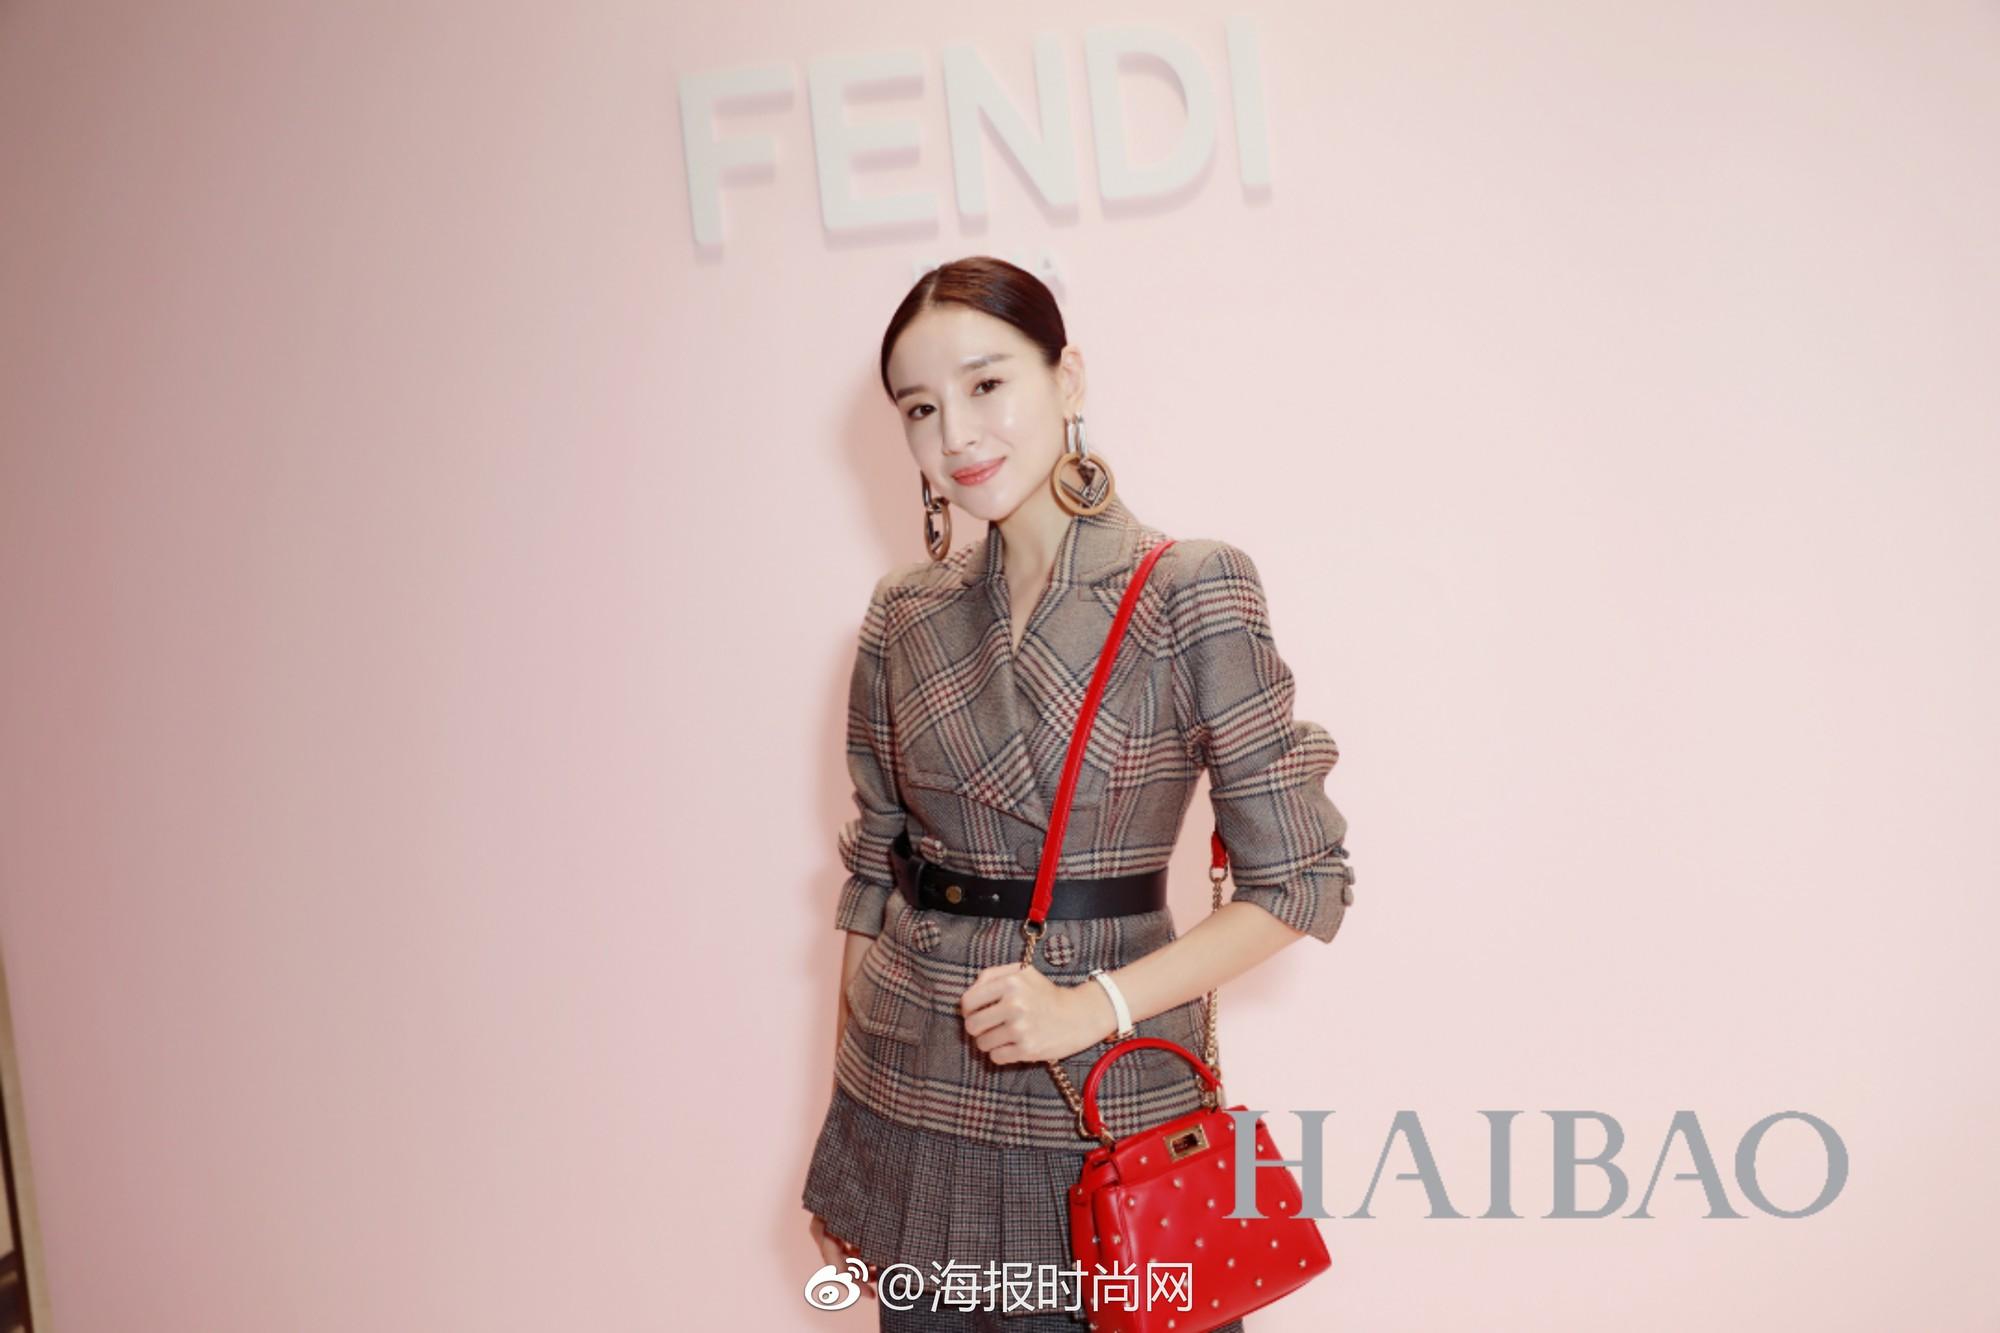 """Cặp đôi """"Phú Sát Hoàng hậu"""" lần đầu đọ style: Tần Lam đẹp xuất sắc, Đổng Khiết lại có chút sến - Ảnh 8."""